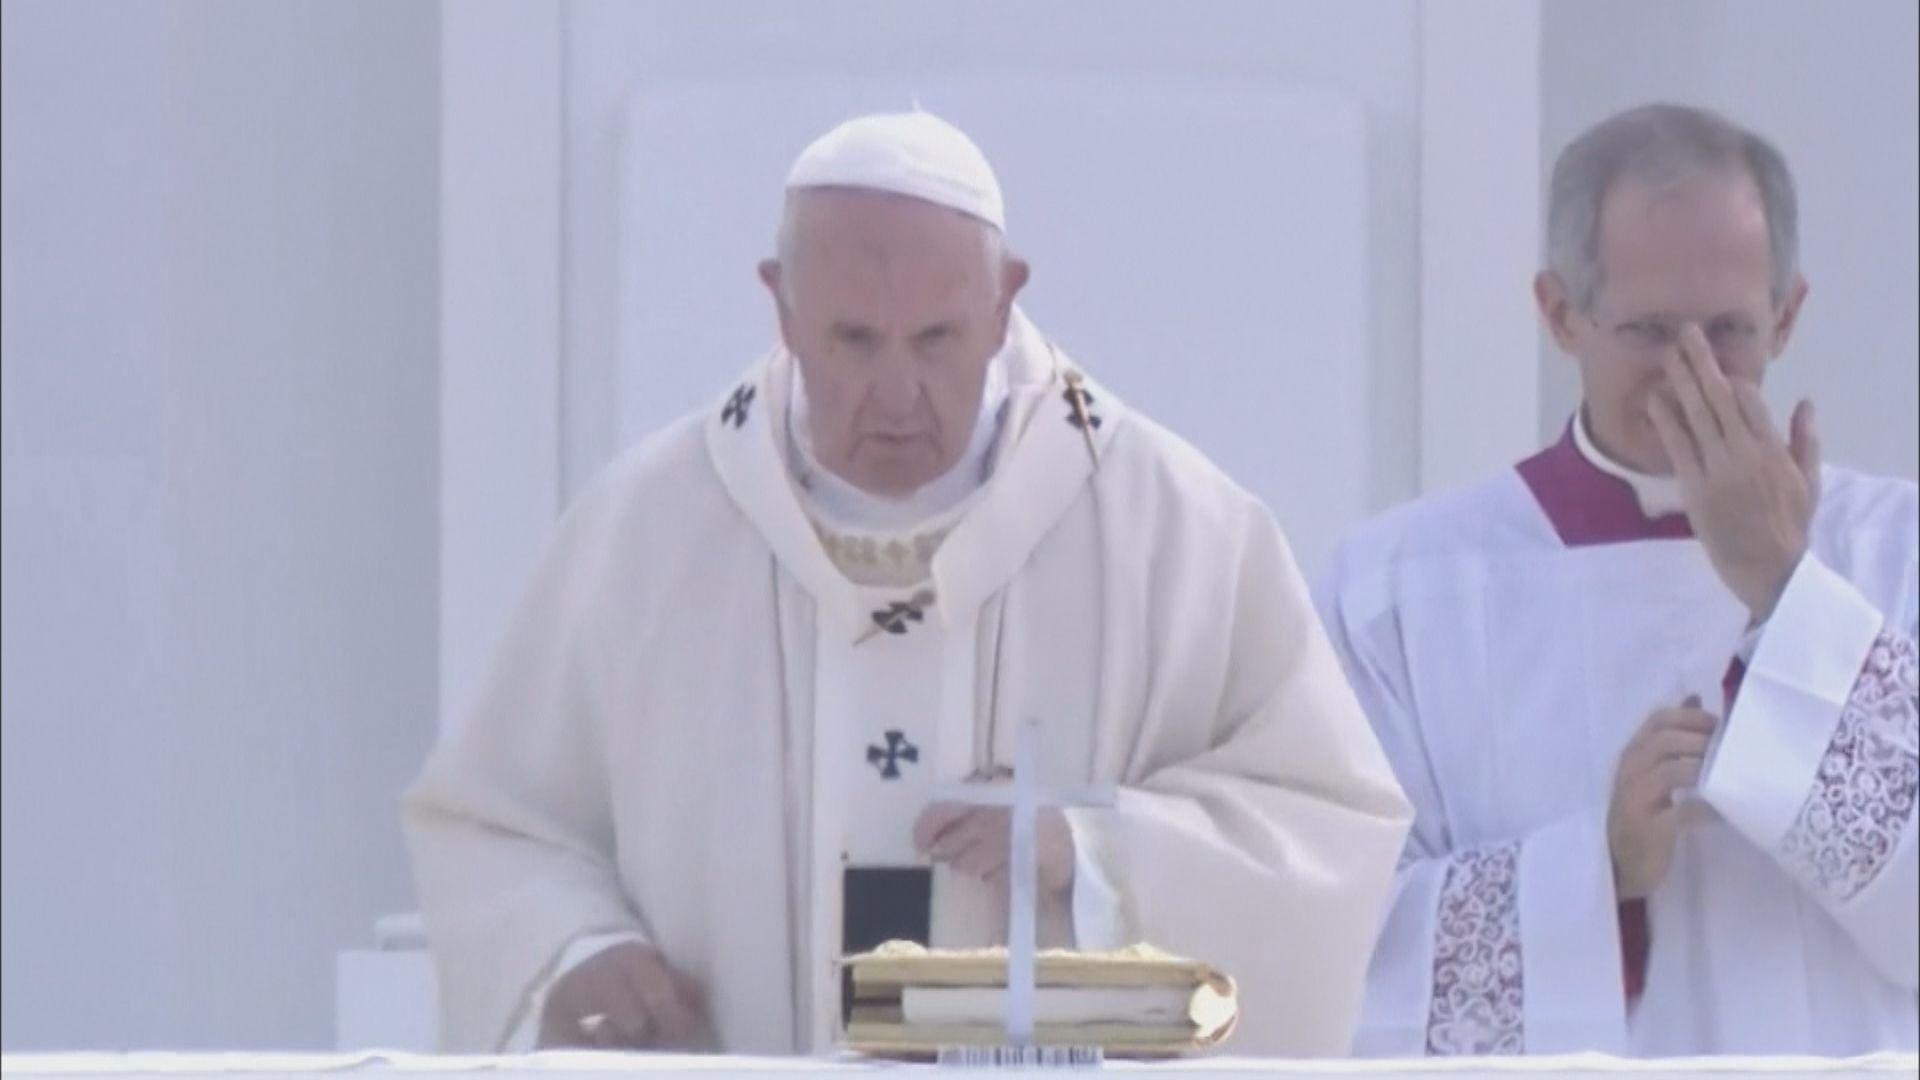 教宗訪長崎 強調教廷支持禁止核武器條約